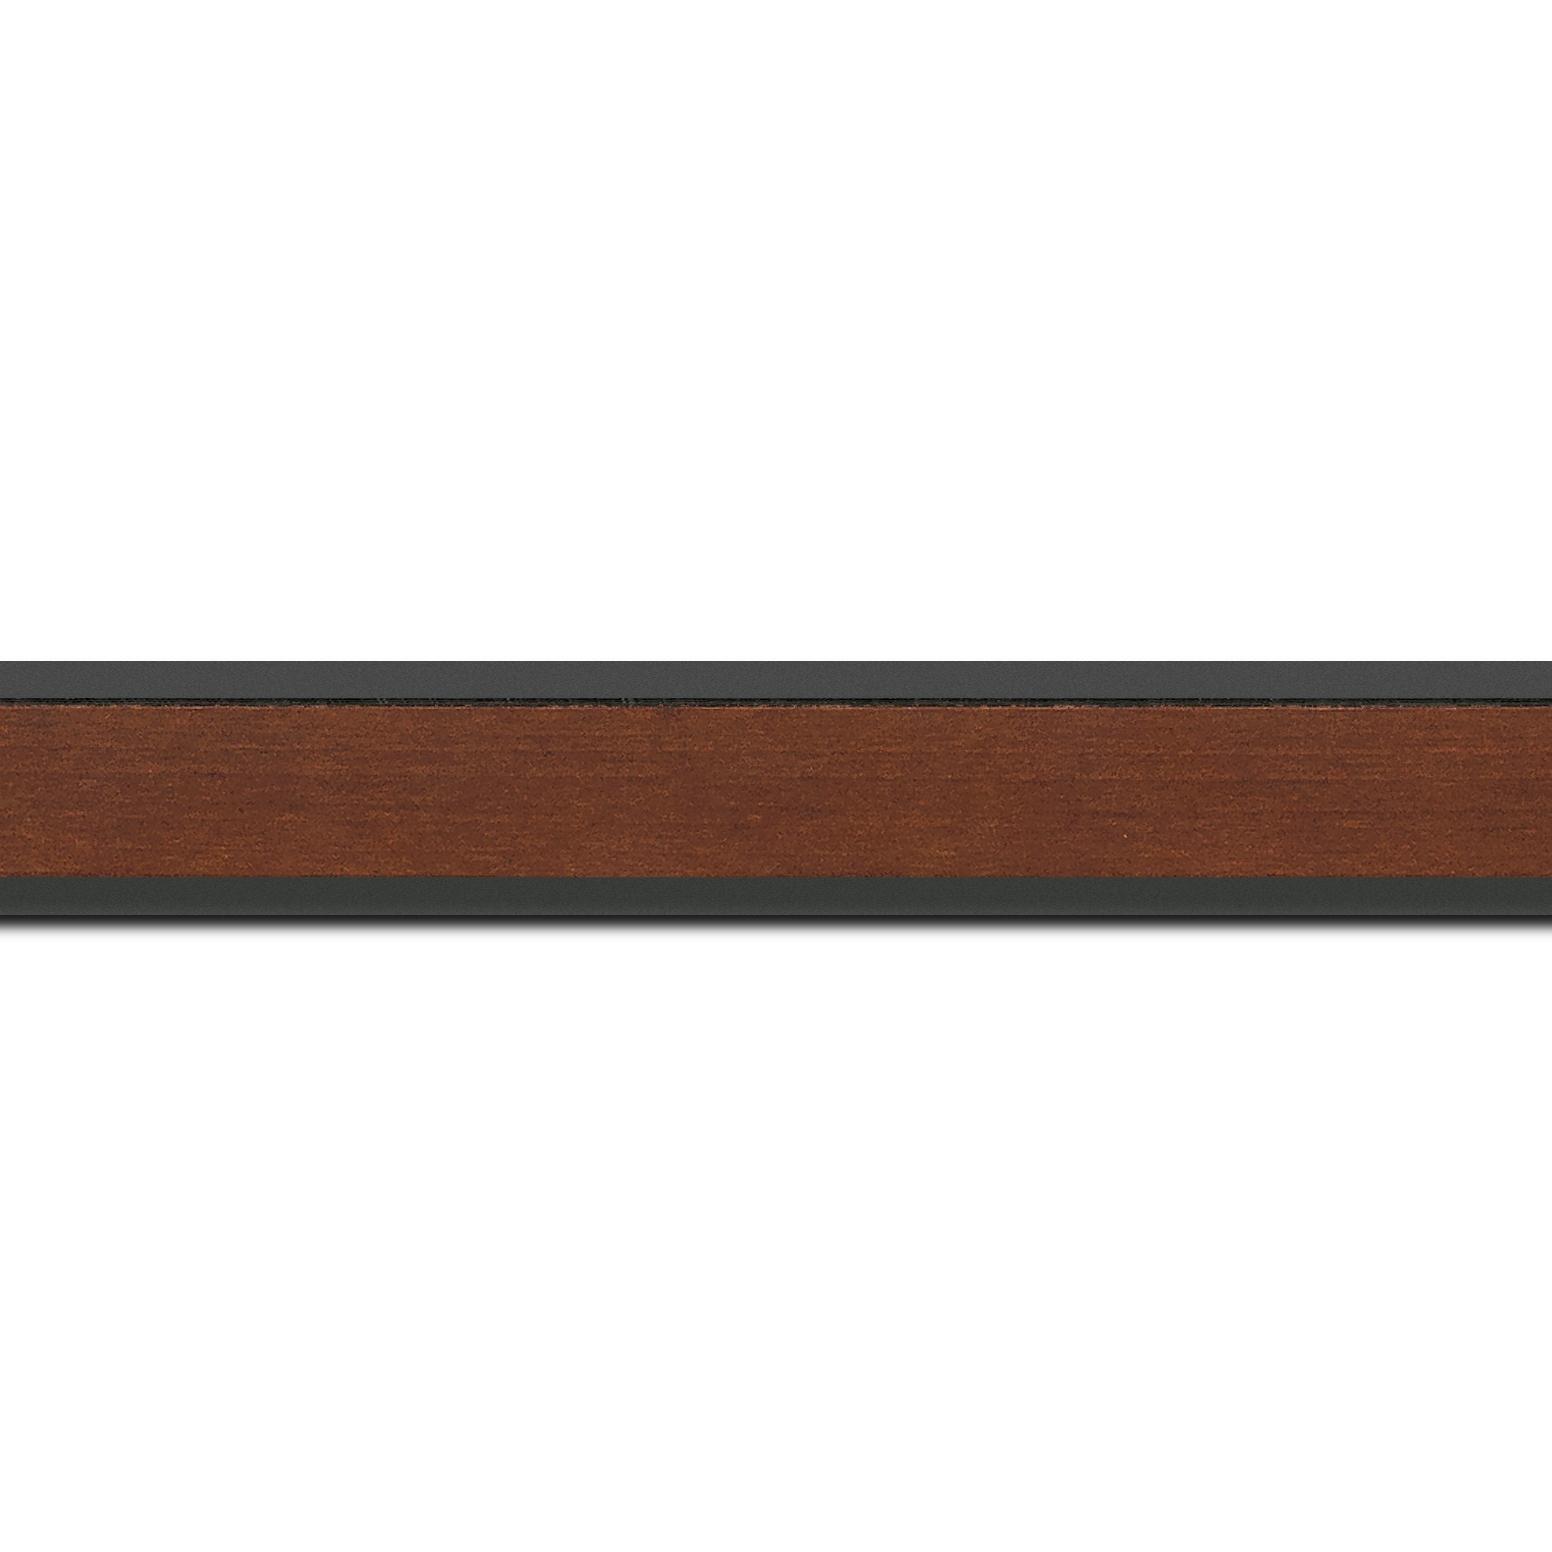 Pack par 12m, bois essence marupa profil plat largeur 2.5cm plaquage érable teinté marron foncé,  filet intérieur et extérieur gris foncé (longueur baguette pouvant varier entre 2.40m et 3m selon arrivage des bois)